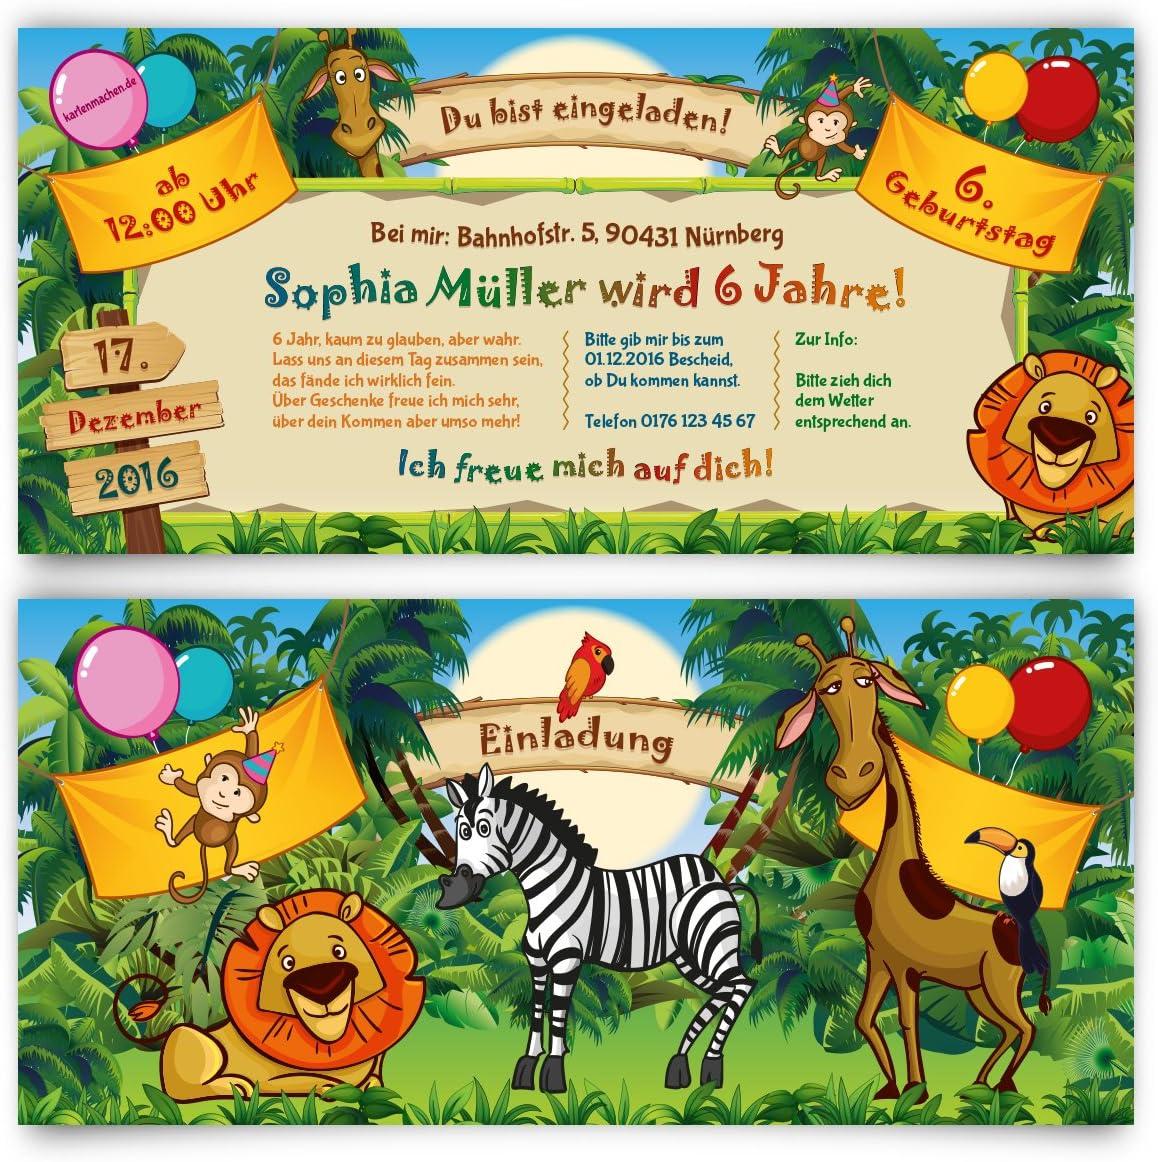 Zoo-Tiere auf der Arche Noah 6 lustige Einladungskarten zum Kindergeburtstag